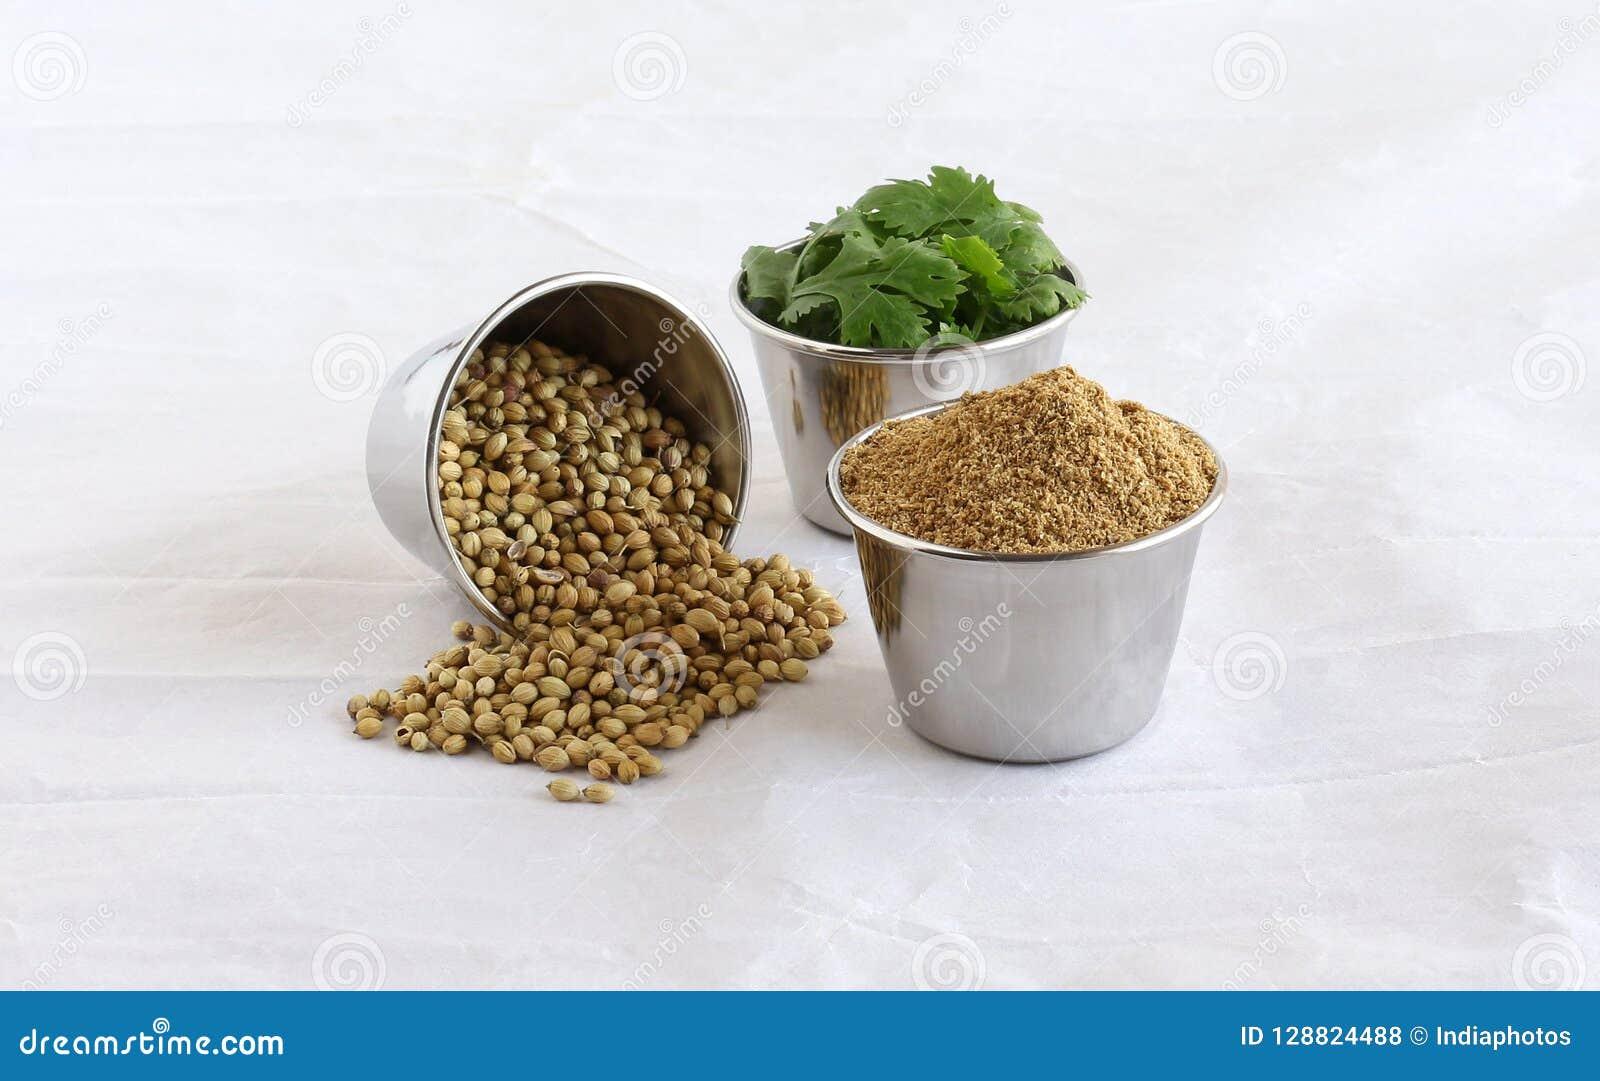 Polvo del coriandro con las semillas y las hojas de coriandro en los cuencos de acero